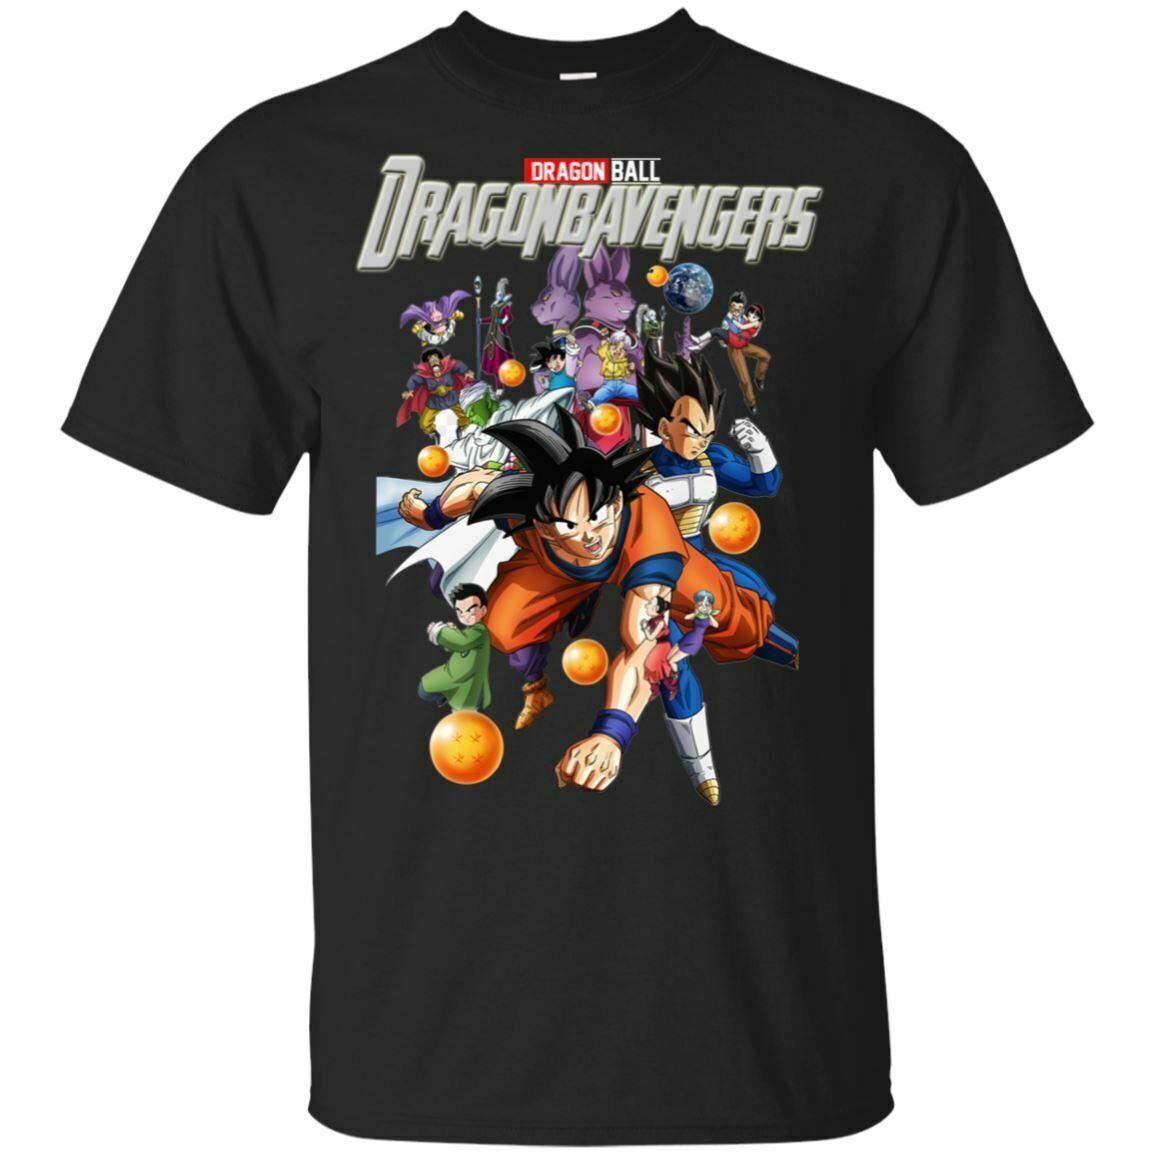 Dragonba Мстители Рубашка EndGame Черный Navy Одежда